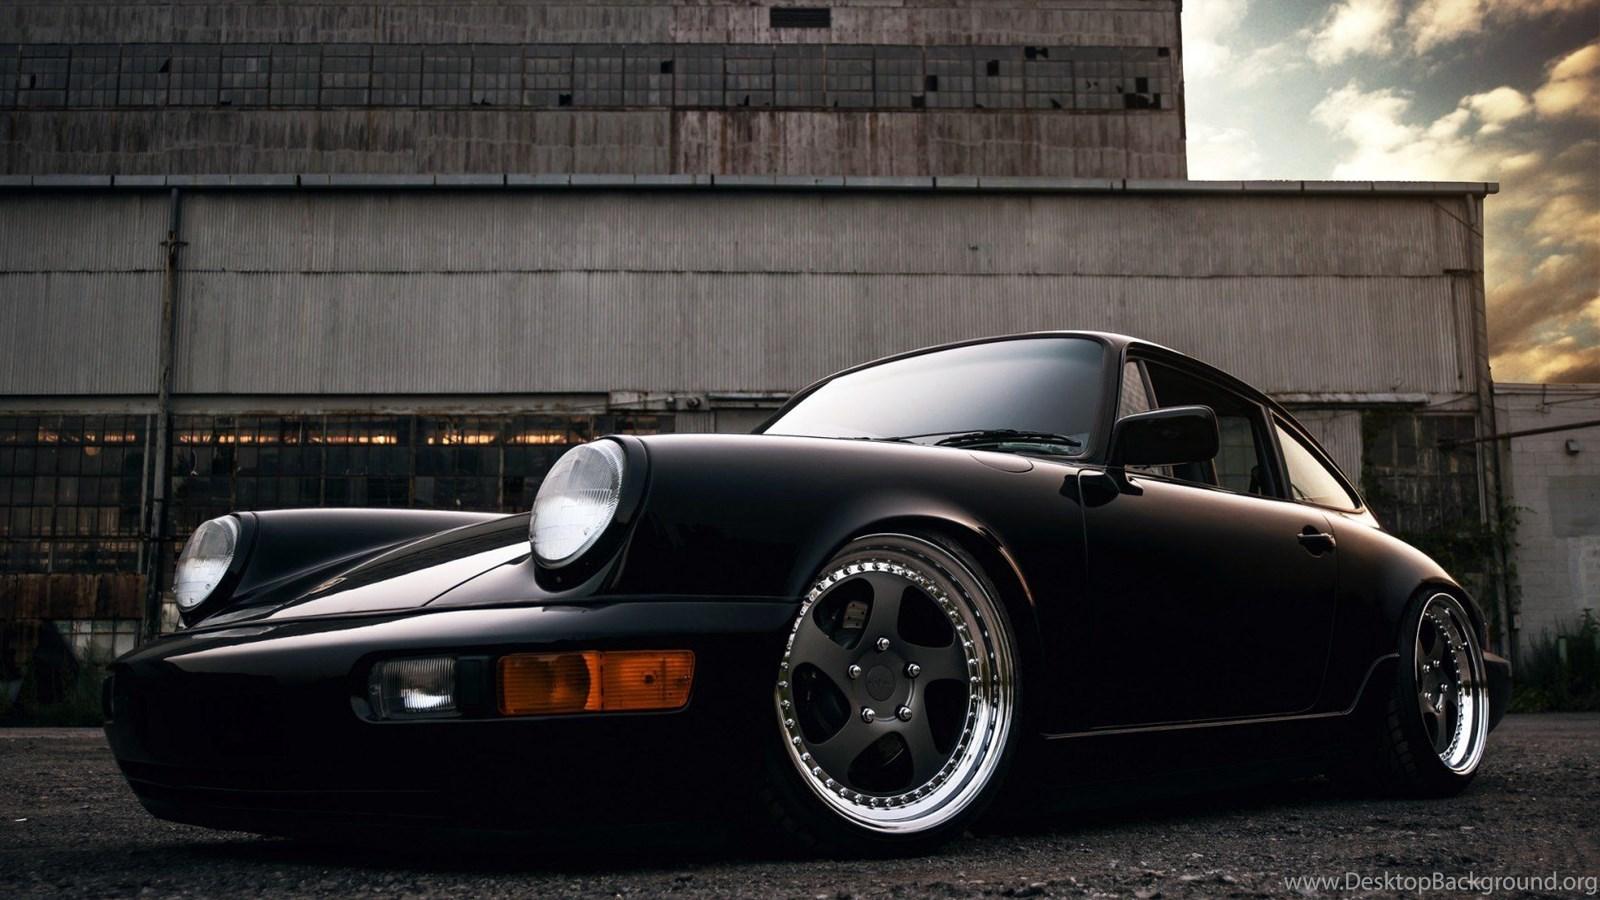 Porsche 911 Hd Wallpaper Posted By Ethan Mercado